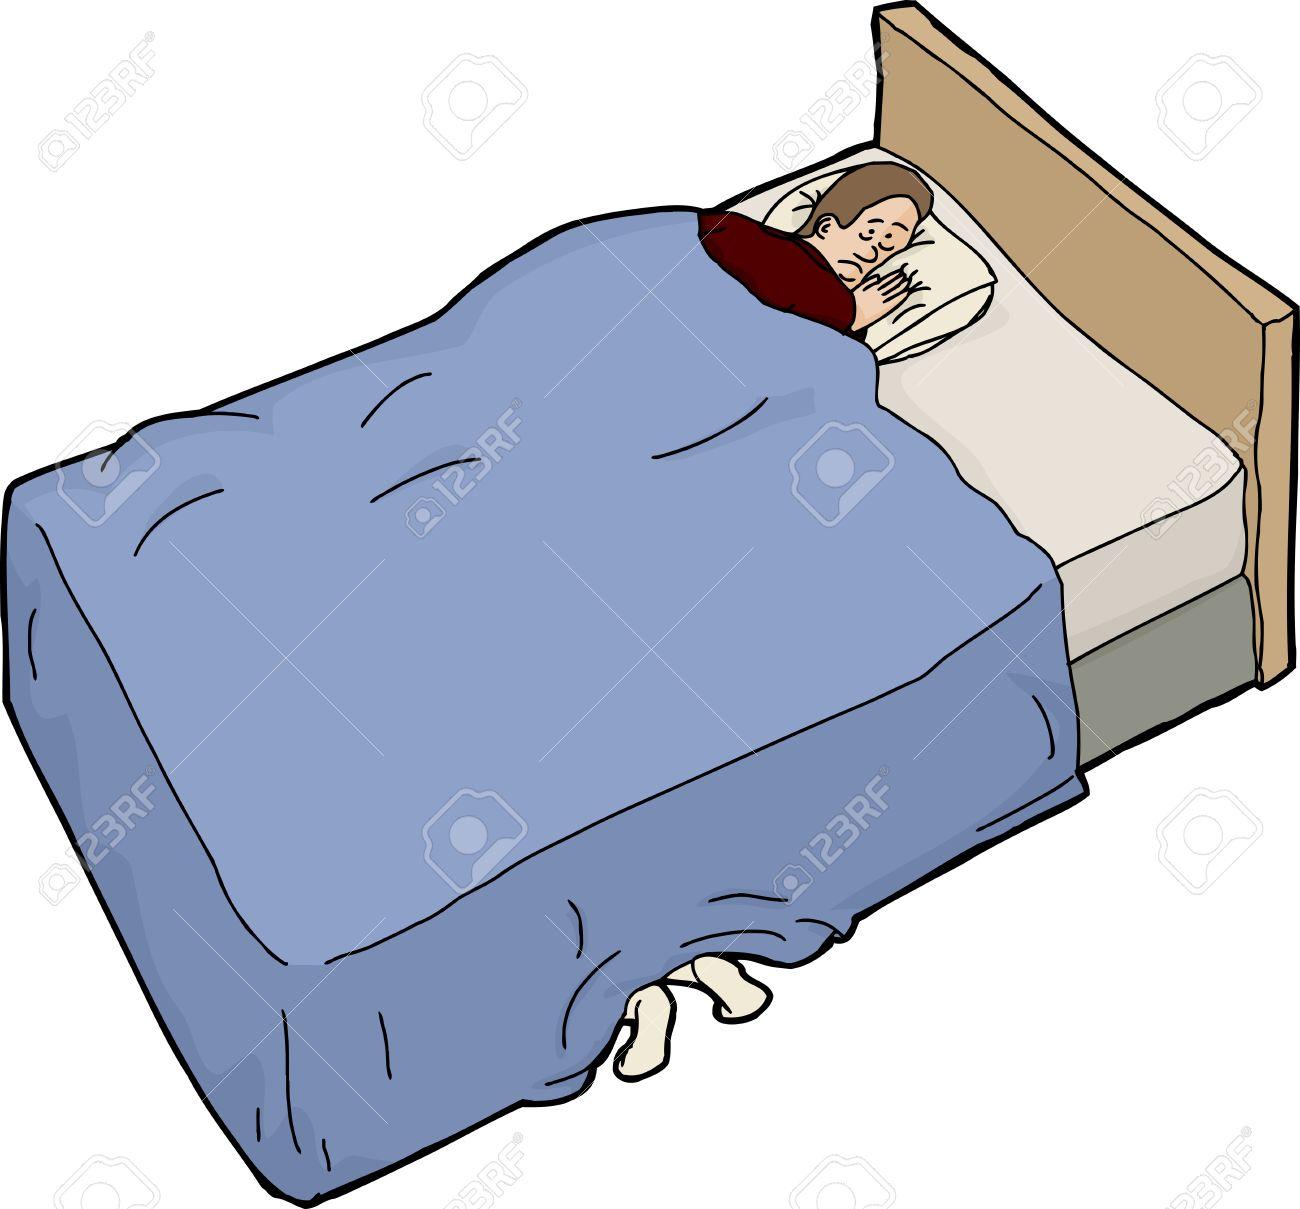 Isoliert Cartoon Bett Mit Angst Mann Und Fusse Unter Lizenzfrei